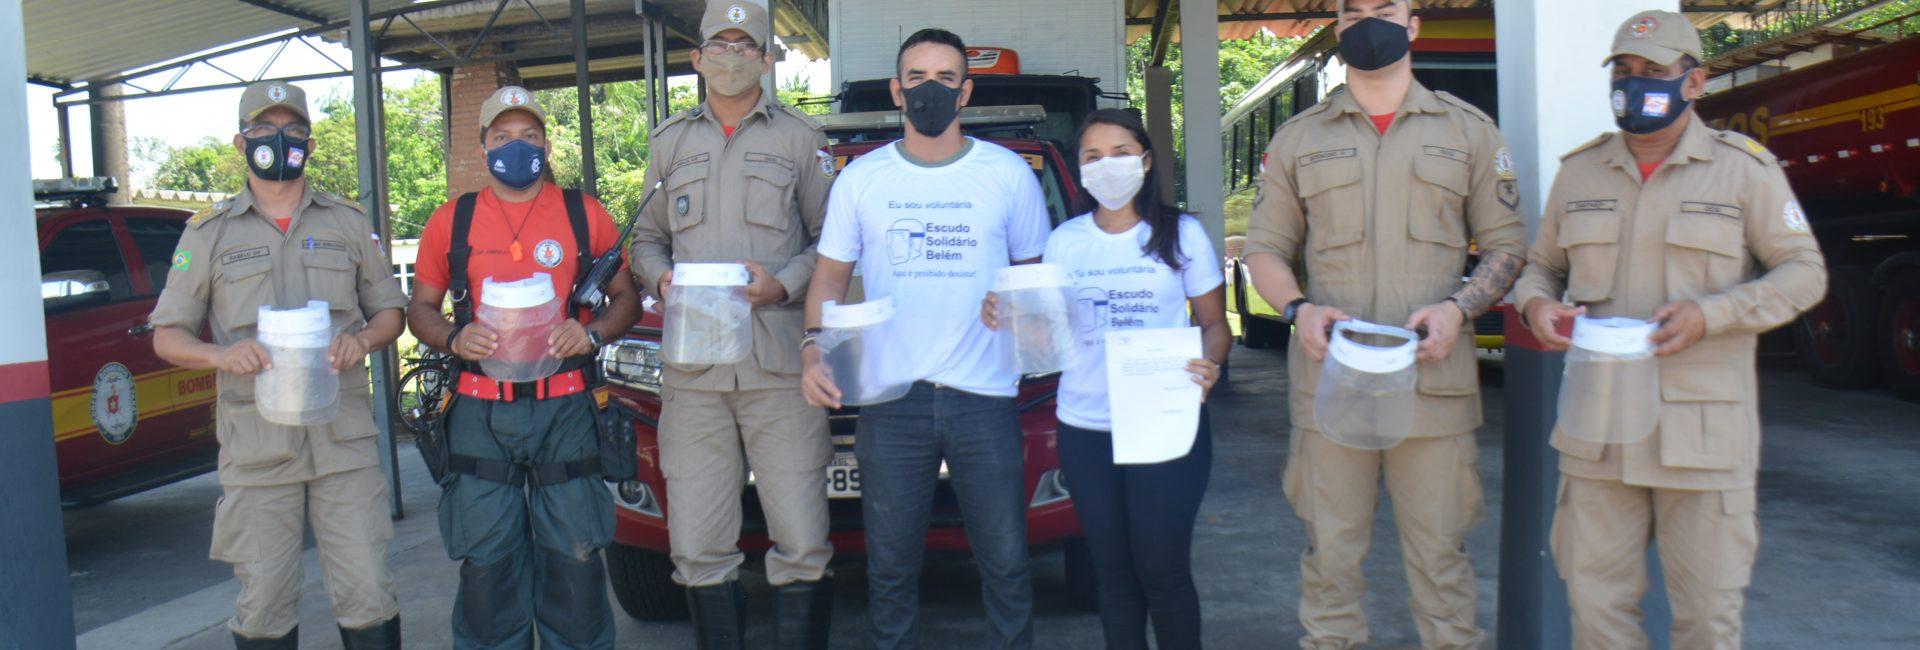 BOMBEIROS RECEBEM DOAÇÃO SOLIDÁRIA DE ESCUDOS DE PROTEÇÃO FACIAL